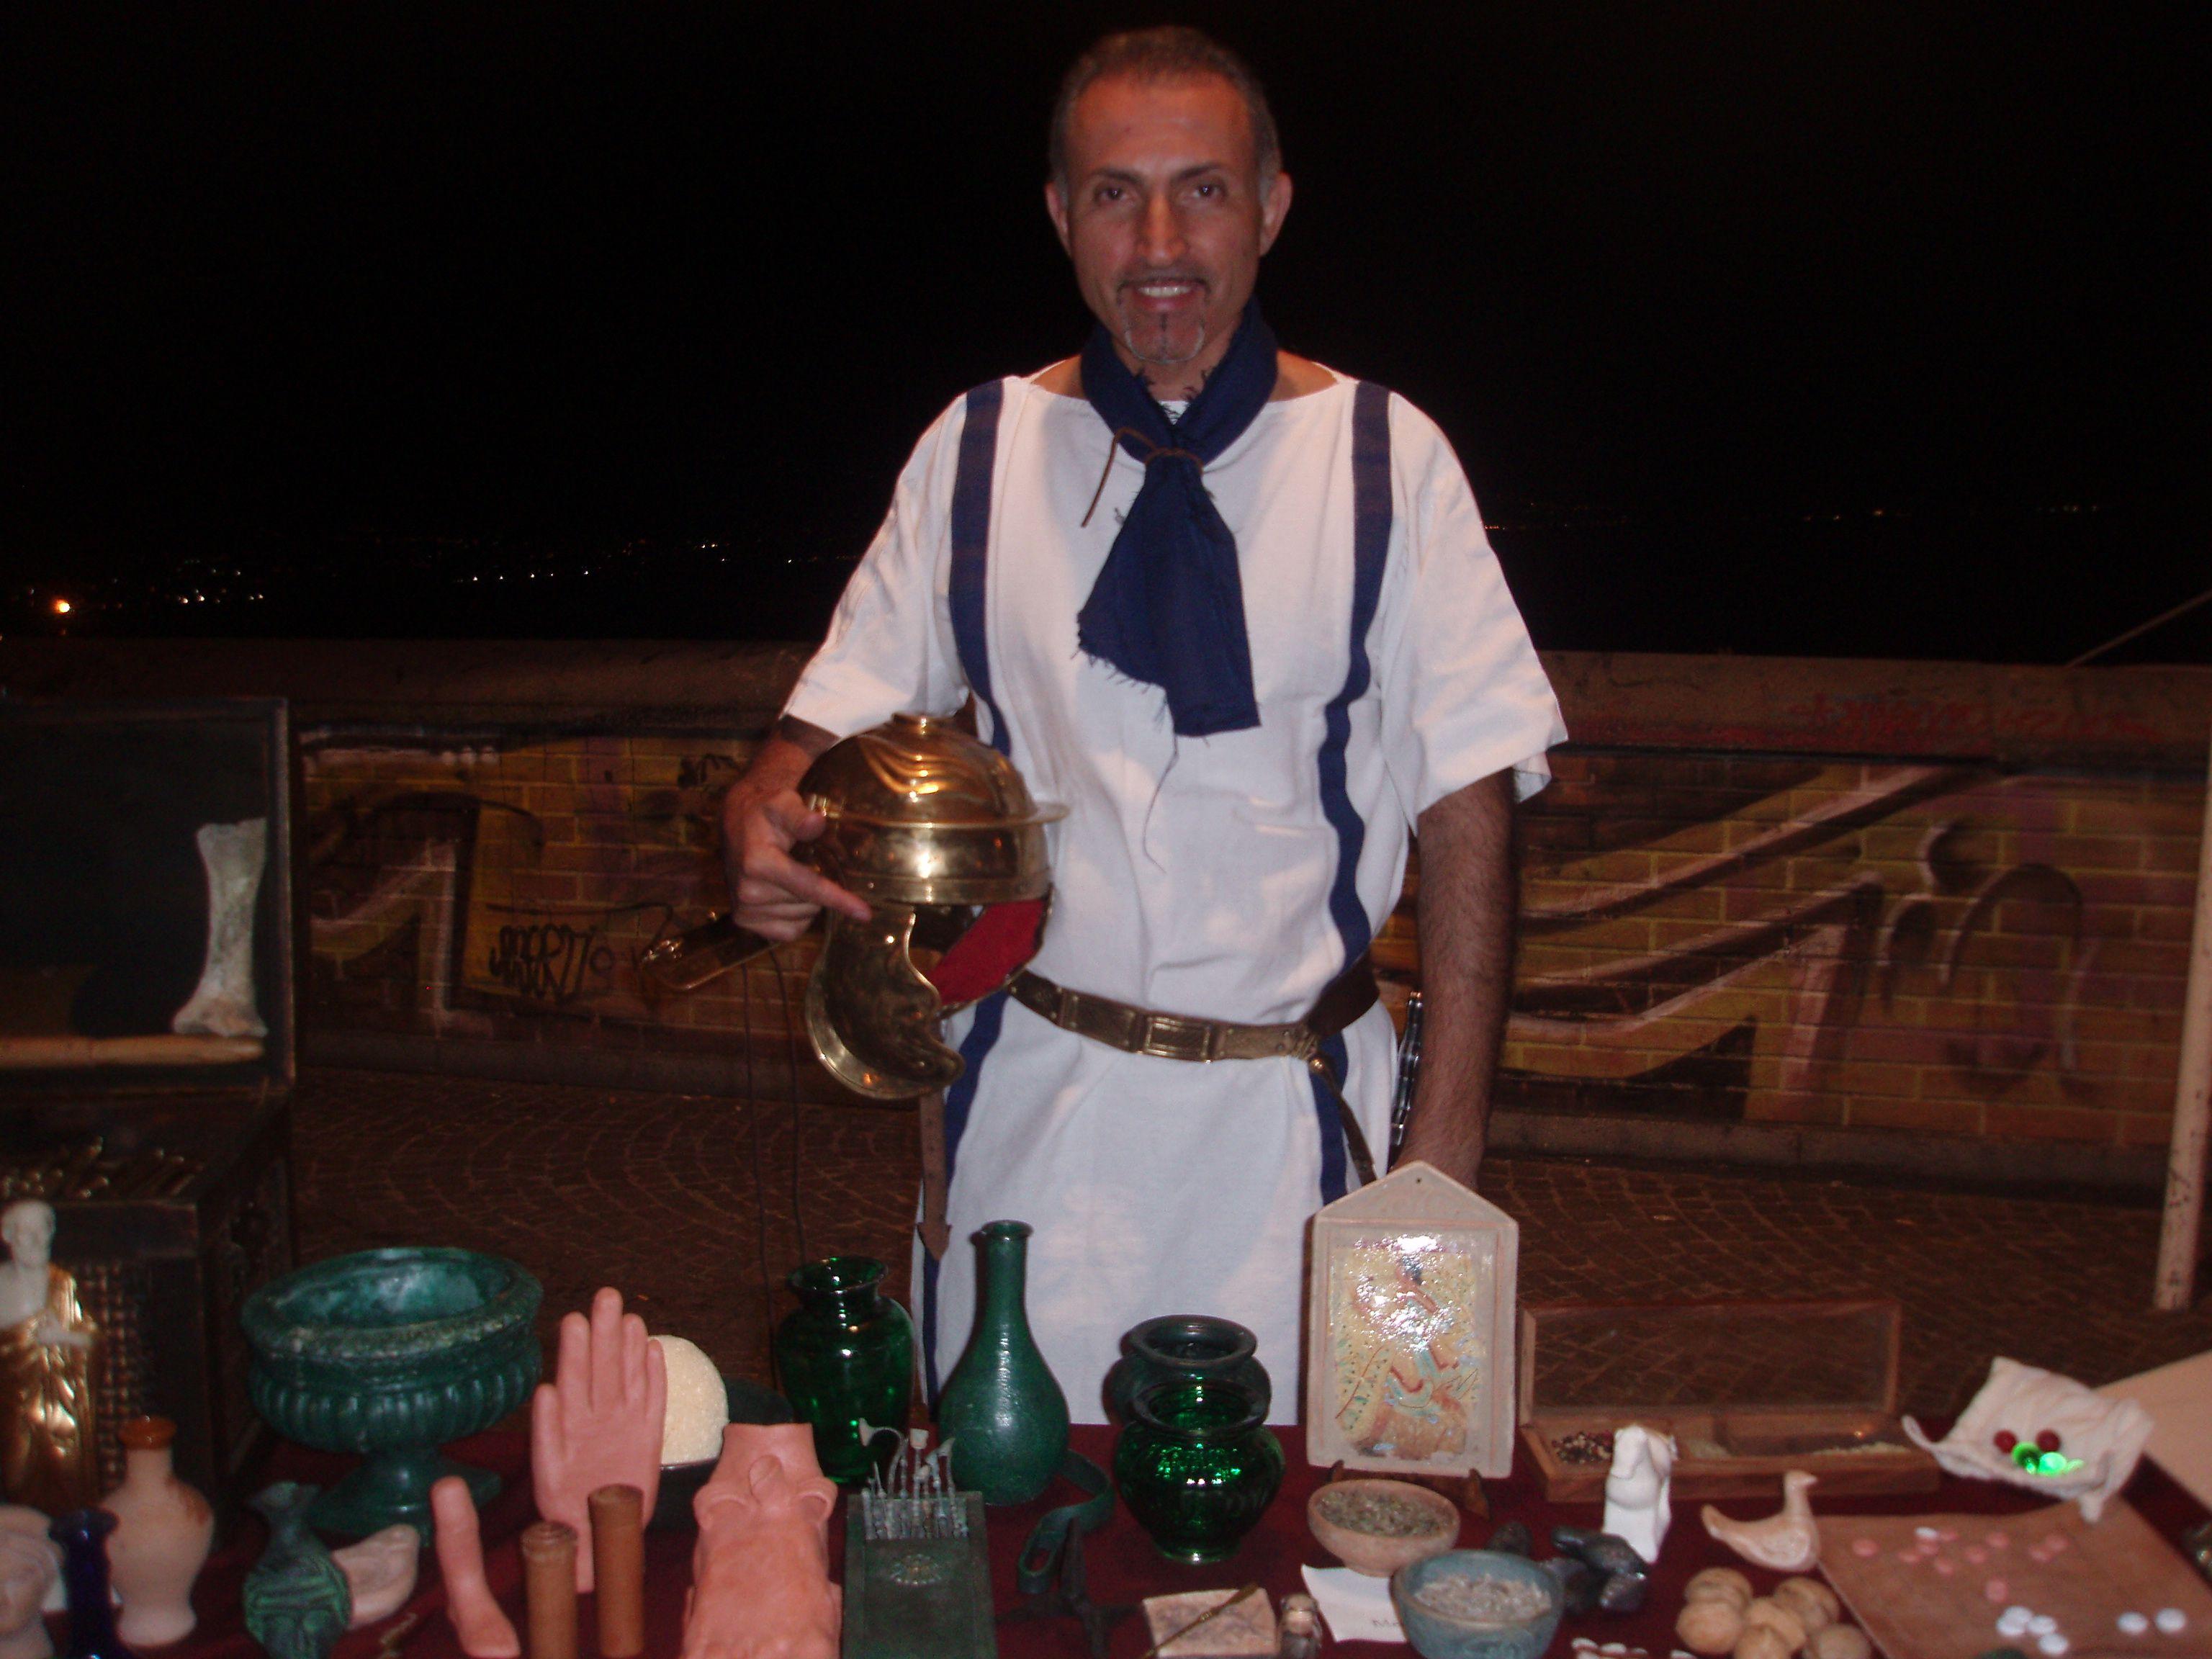 http://archeoclubtorre.altervista.org/blog/foto-relative-manifestazione-cultura-estate-15-09-2012/